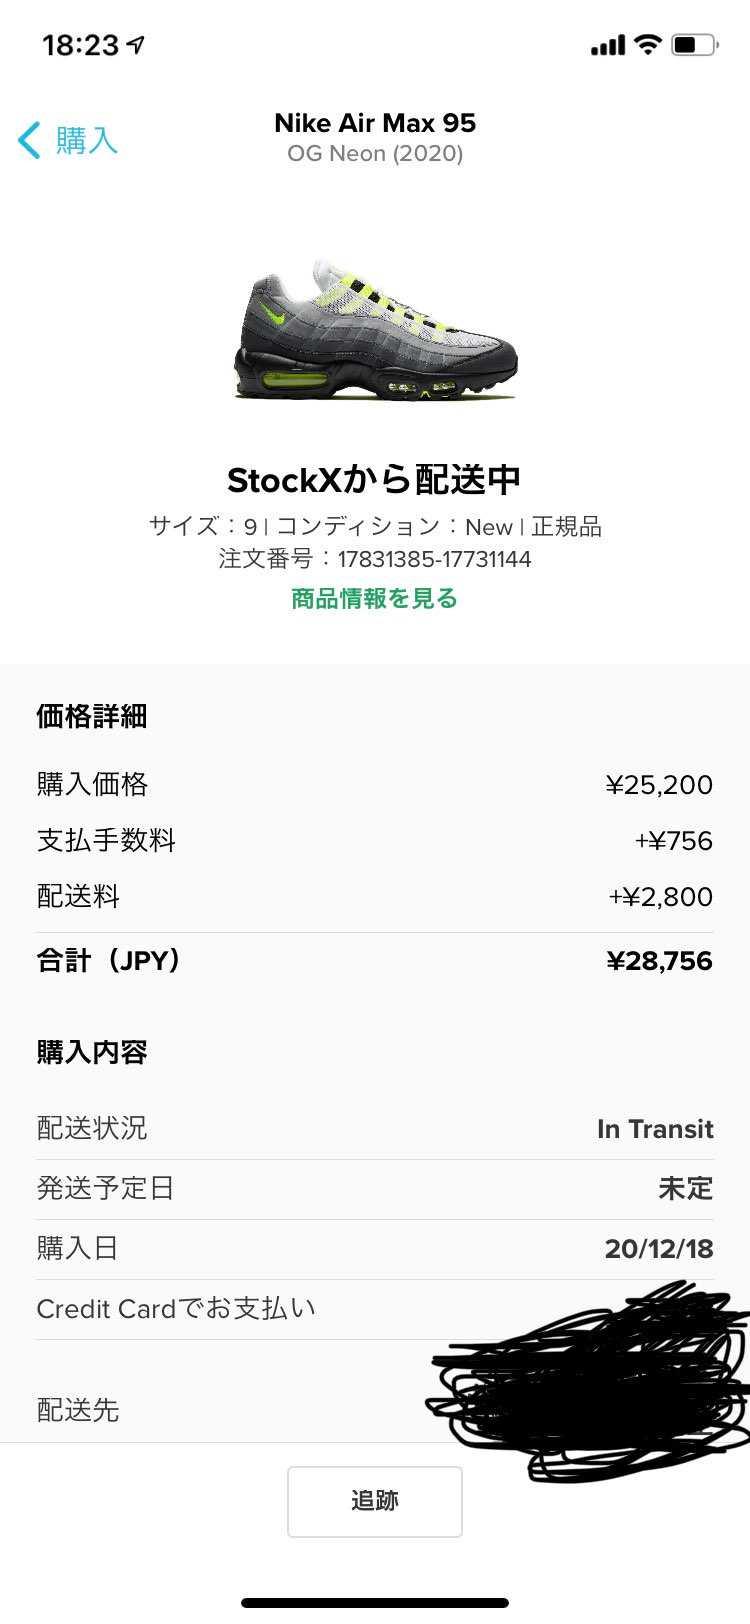 12/18にstockxで購入! まさかの先程、ここ九州に届きました! 関税